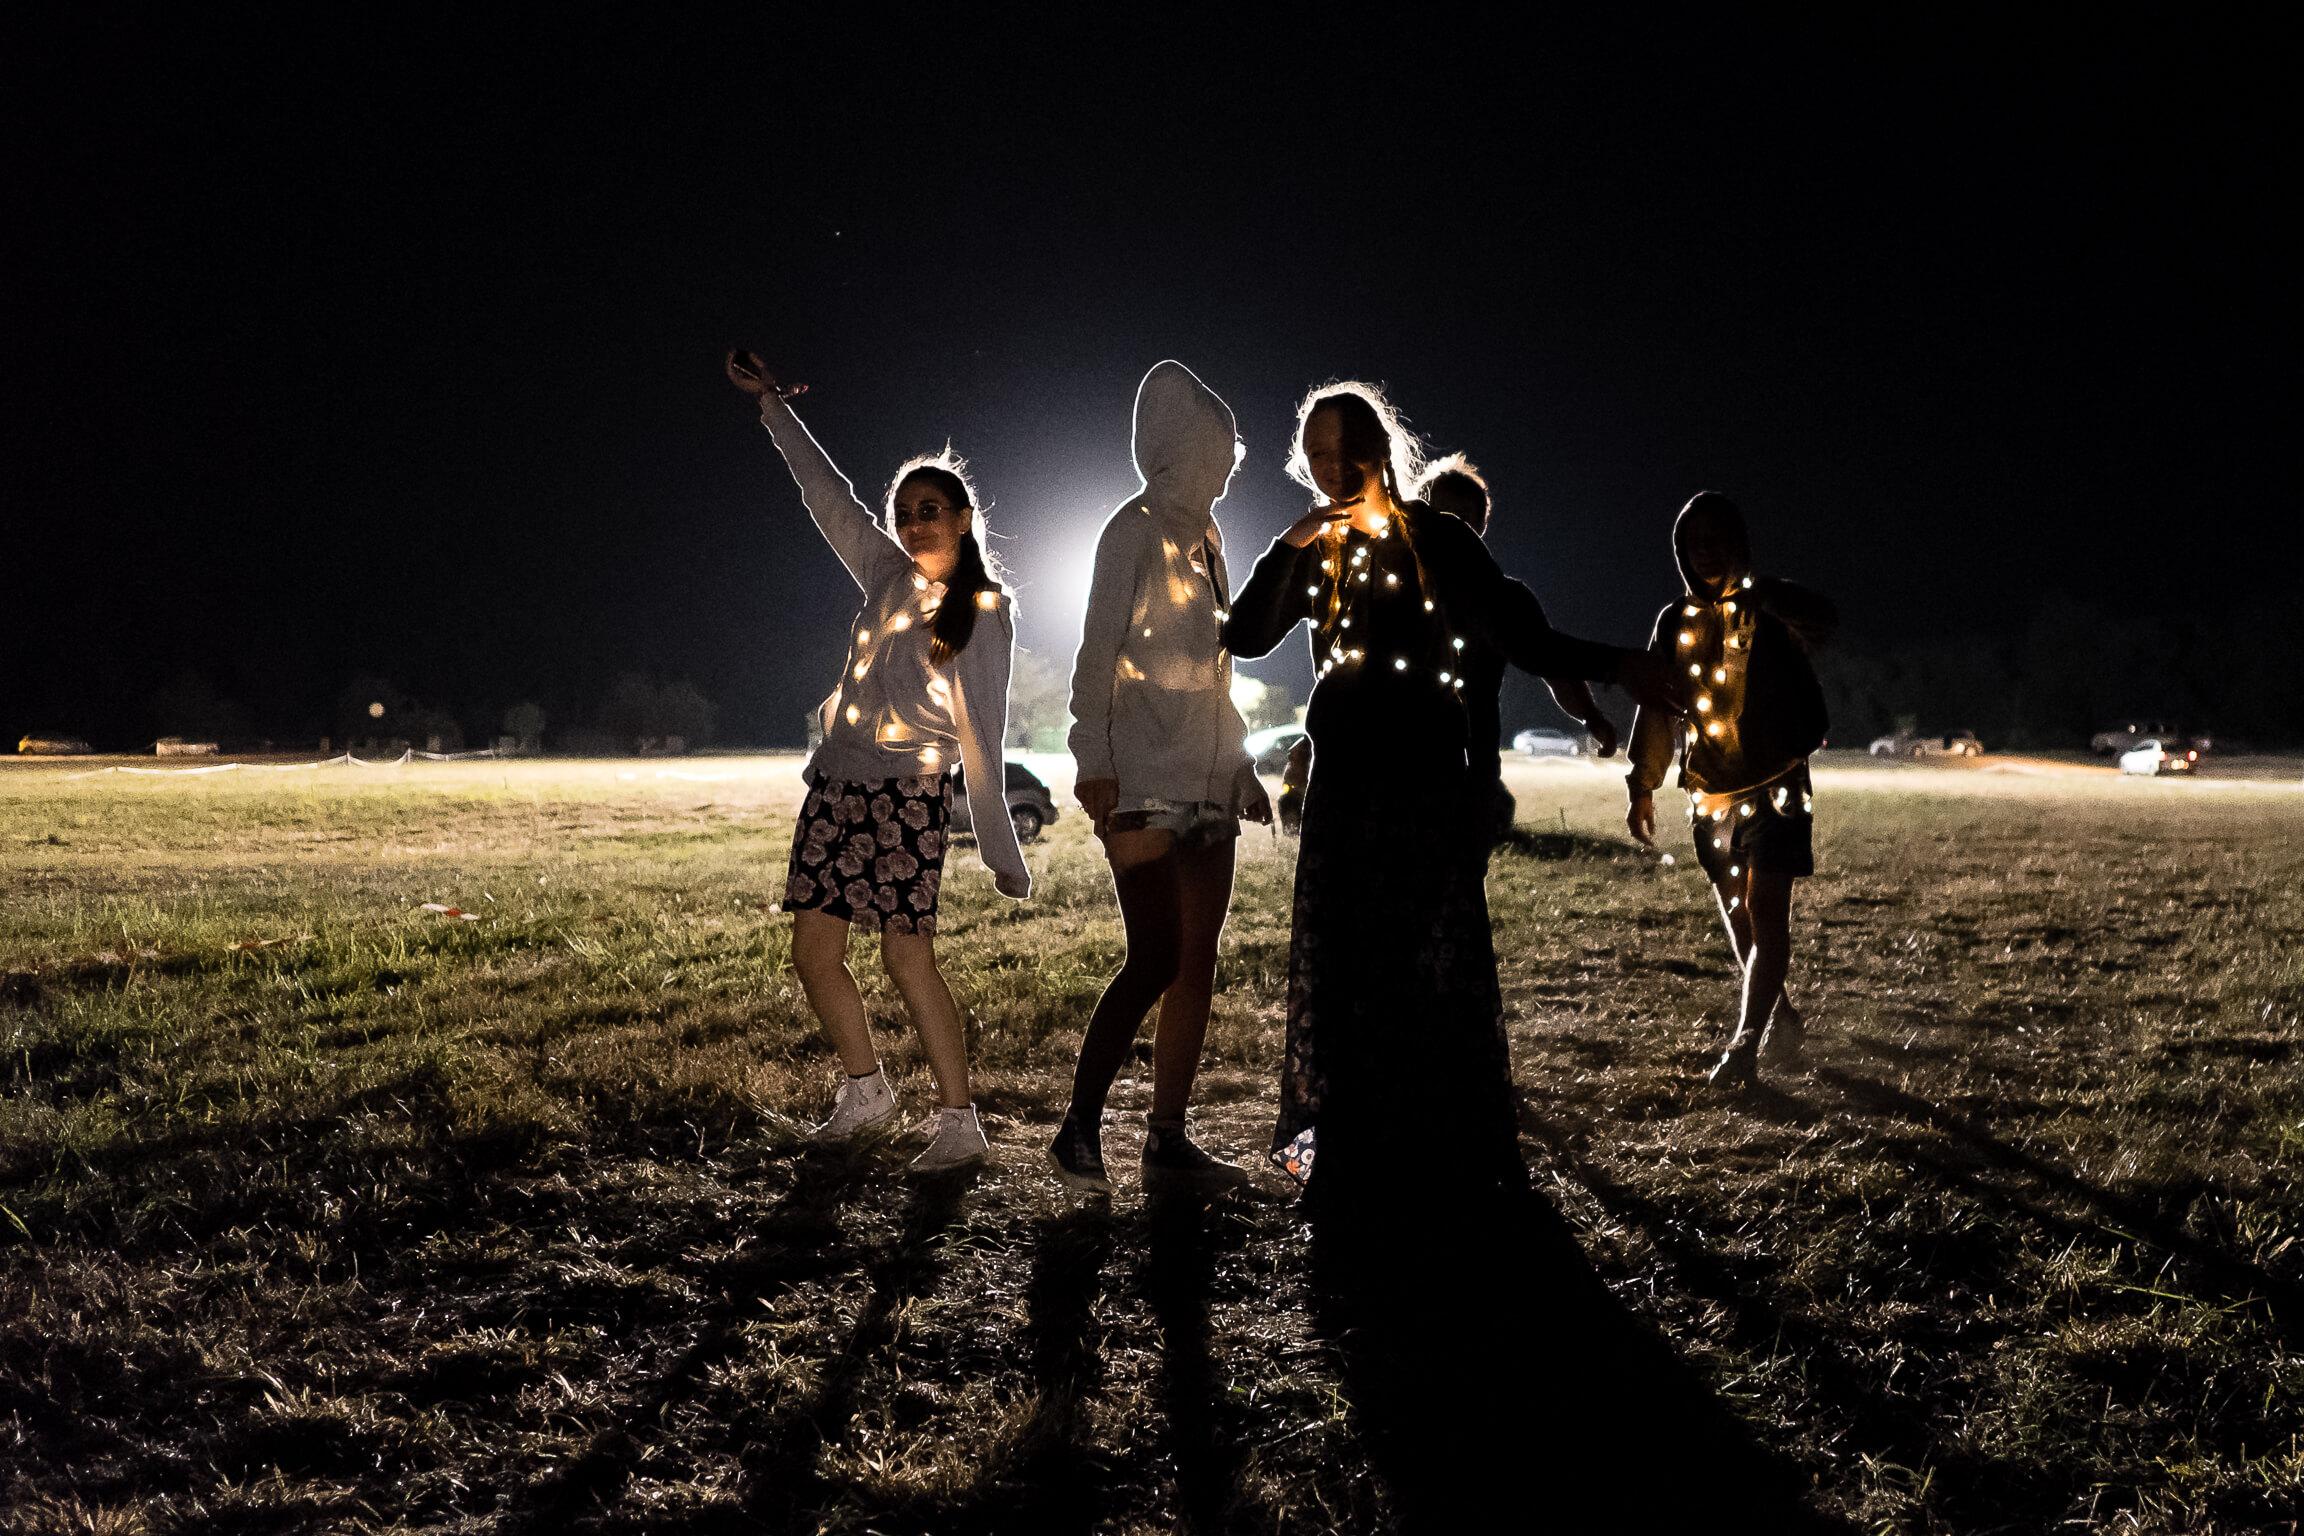 Ambiance au festival Terres du Son sur le parking avec des festivaliers lumineux